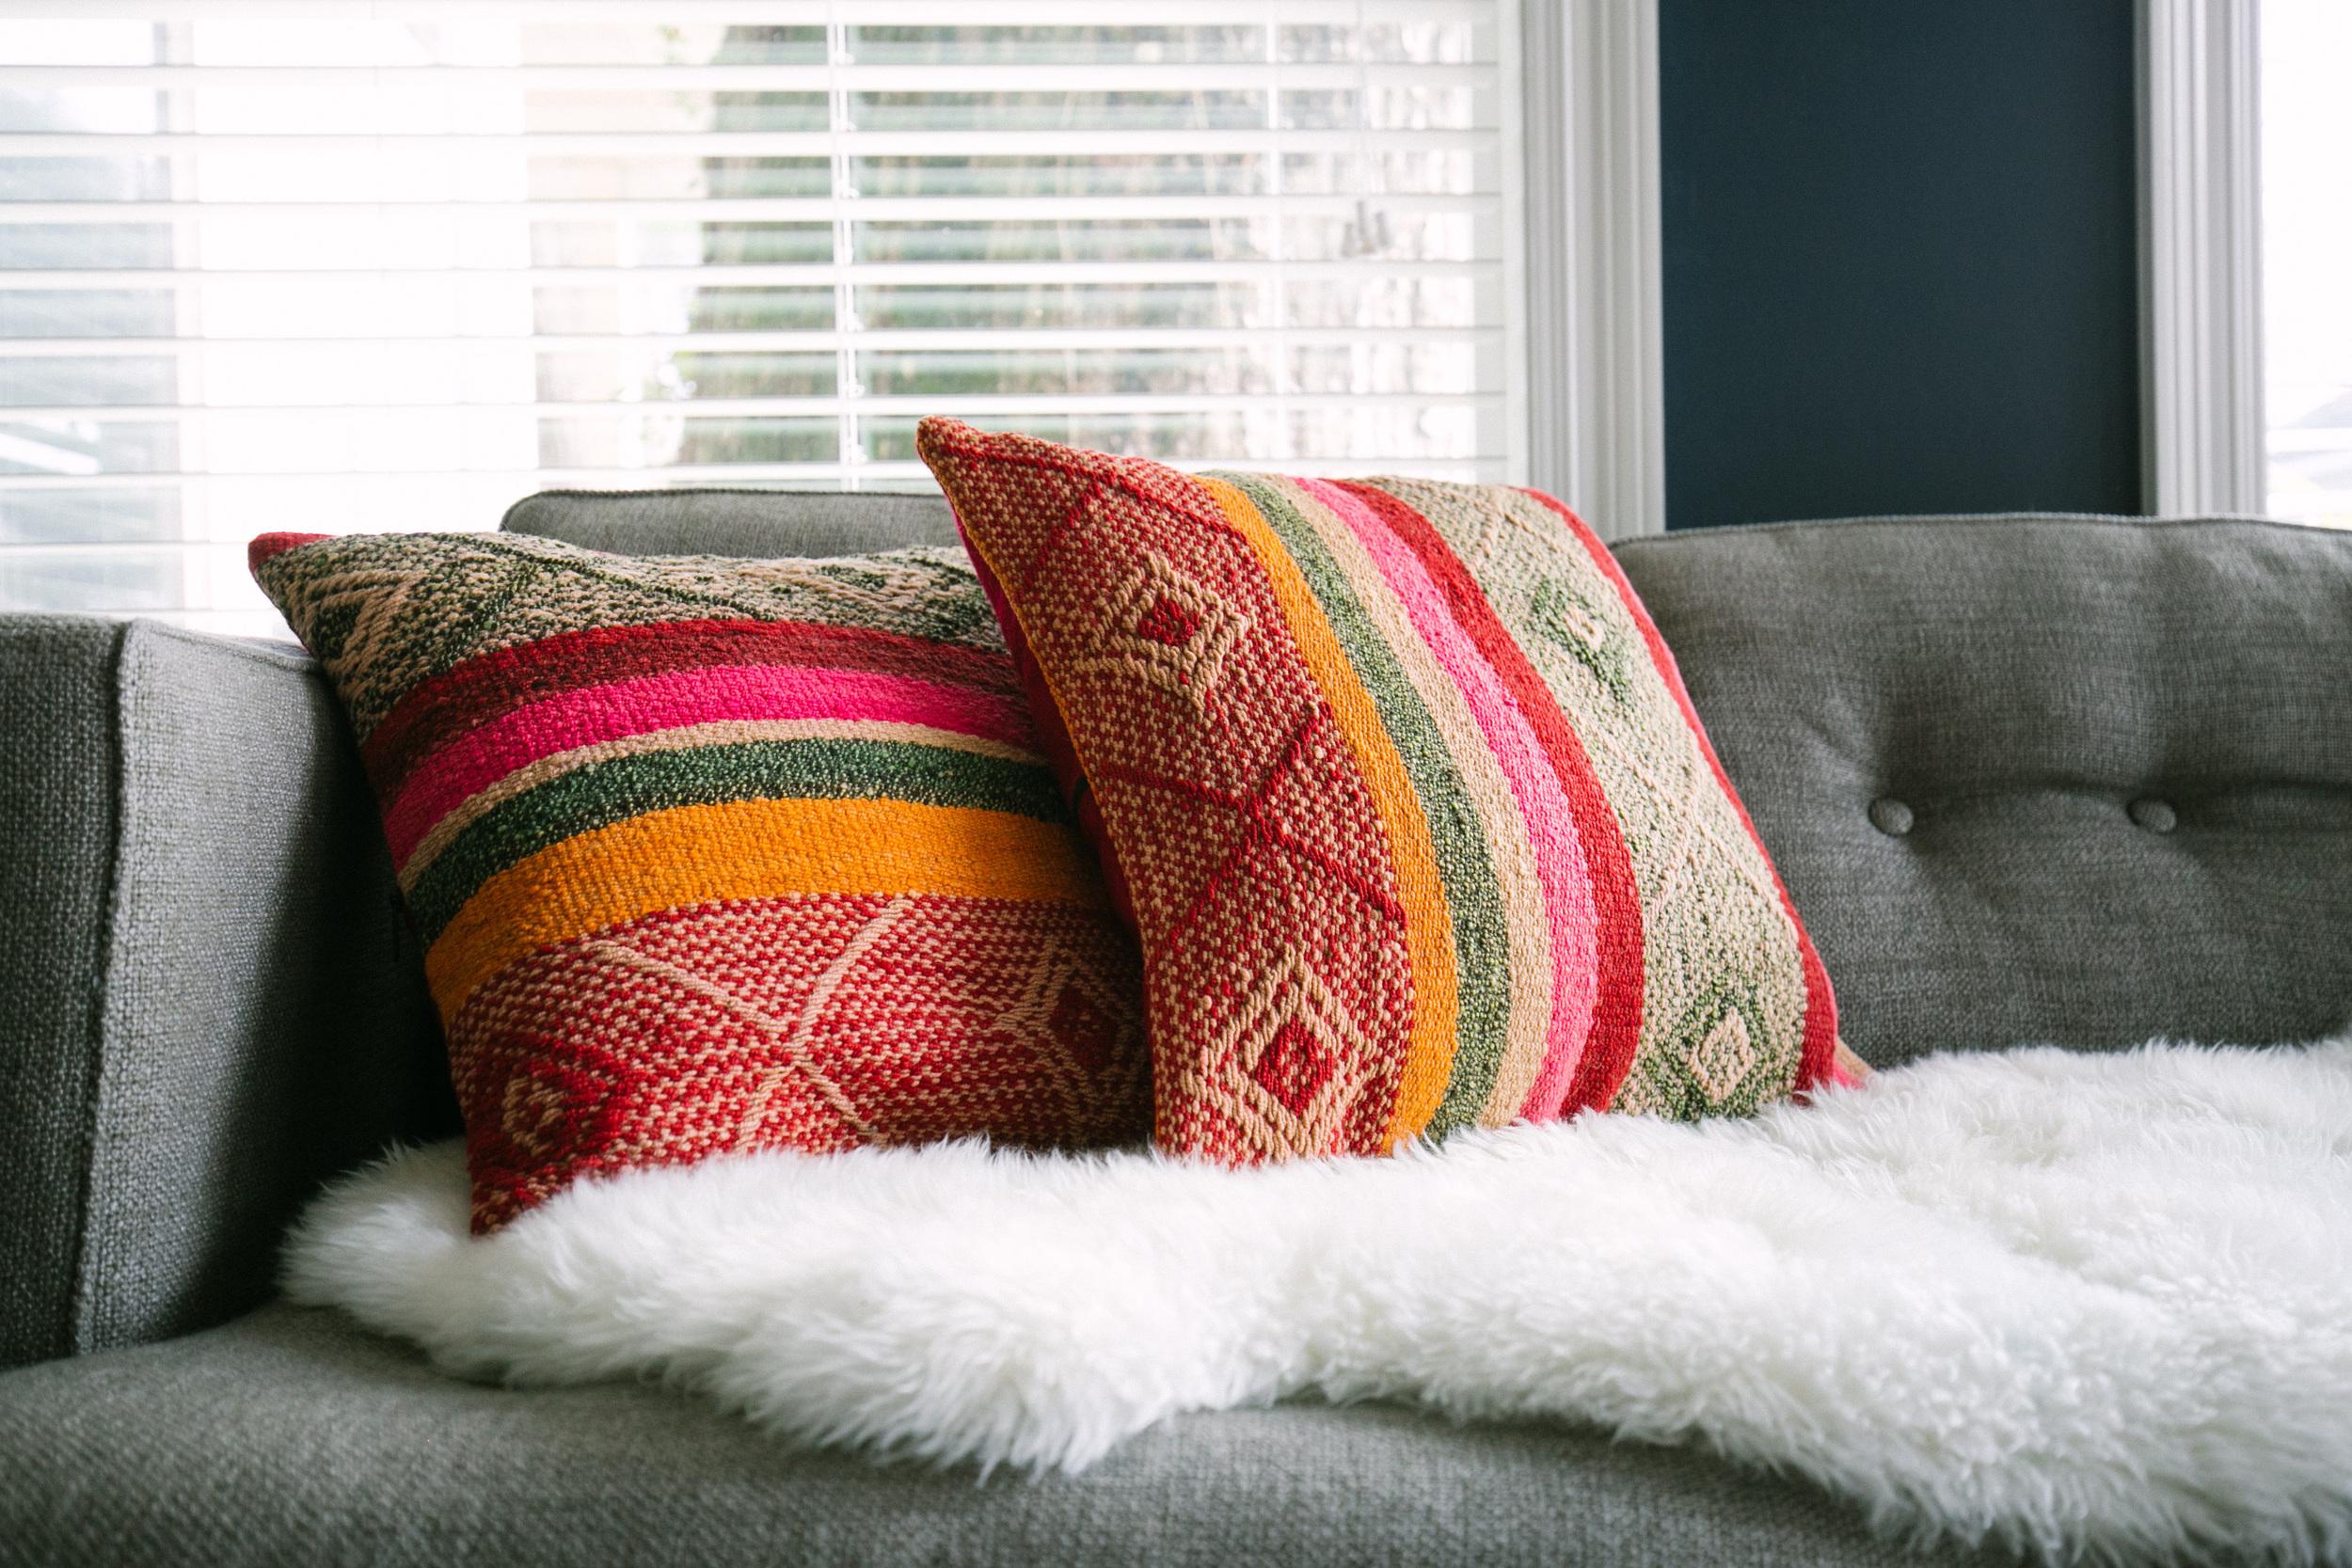 Peruvian pillows